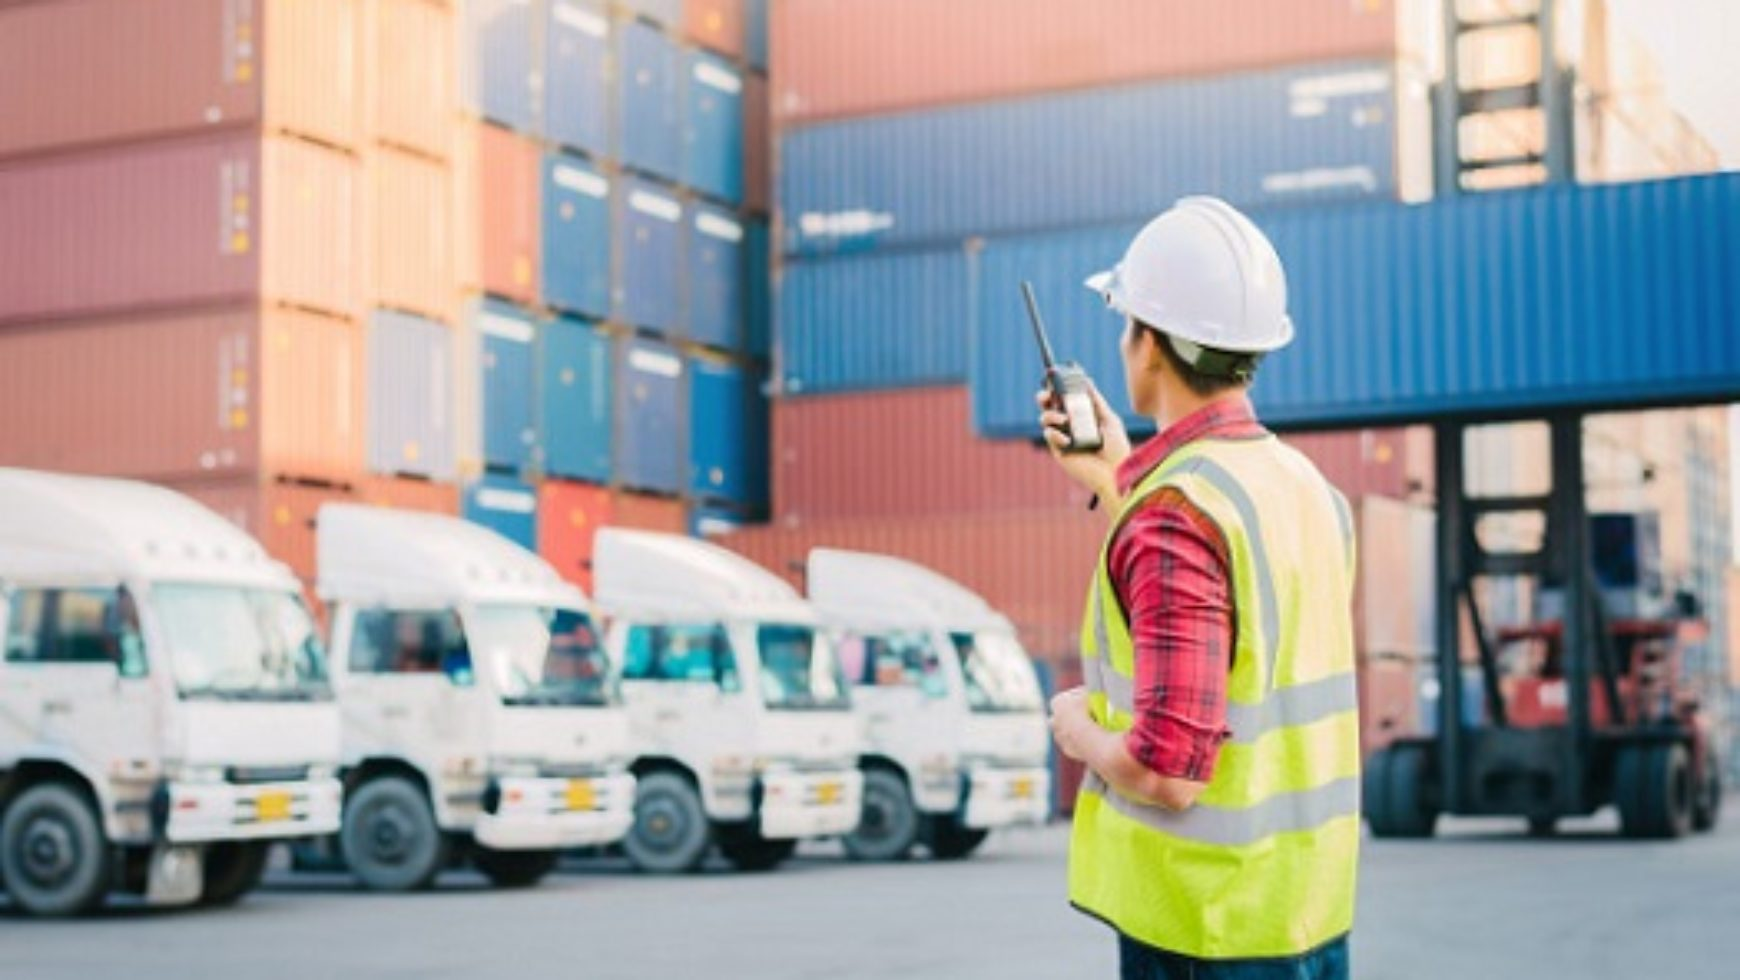 Transporte de mercancías – Excepciones temporales al cumplimiento de las normas de tiempos de conducción